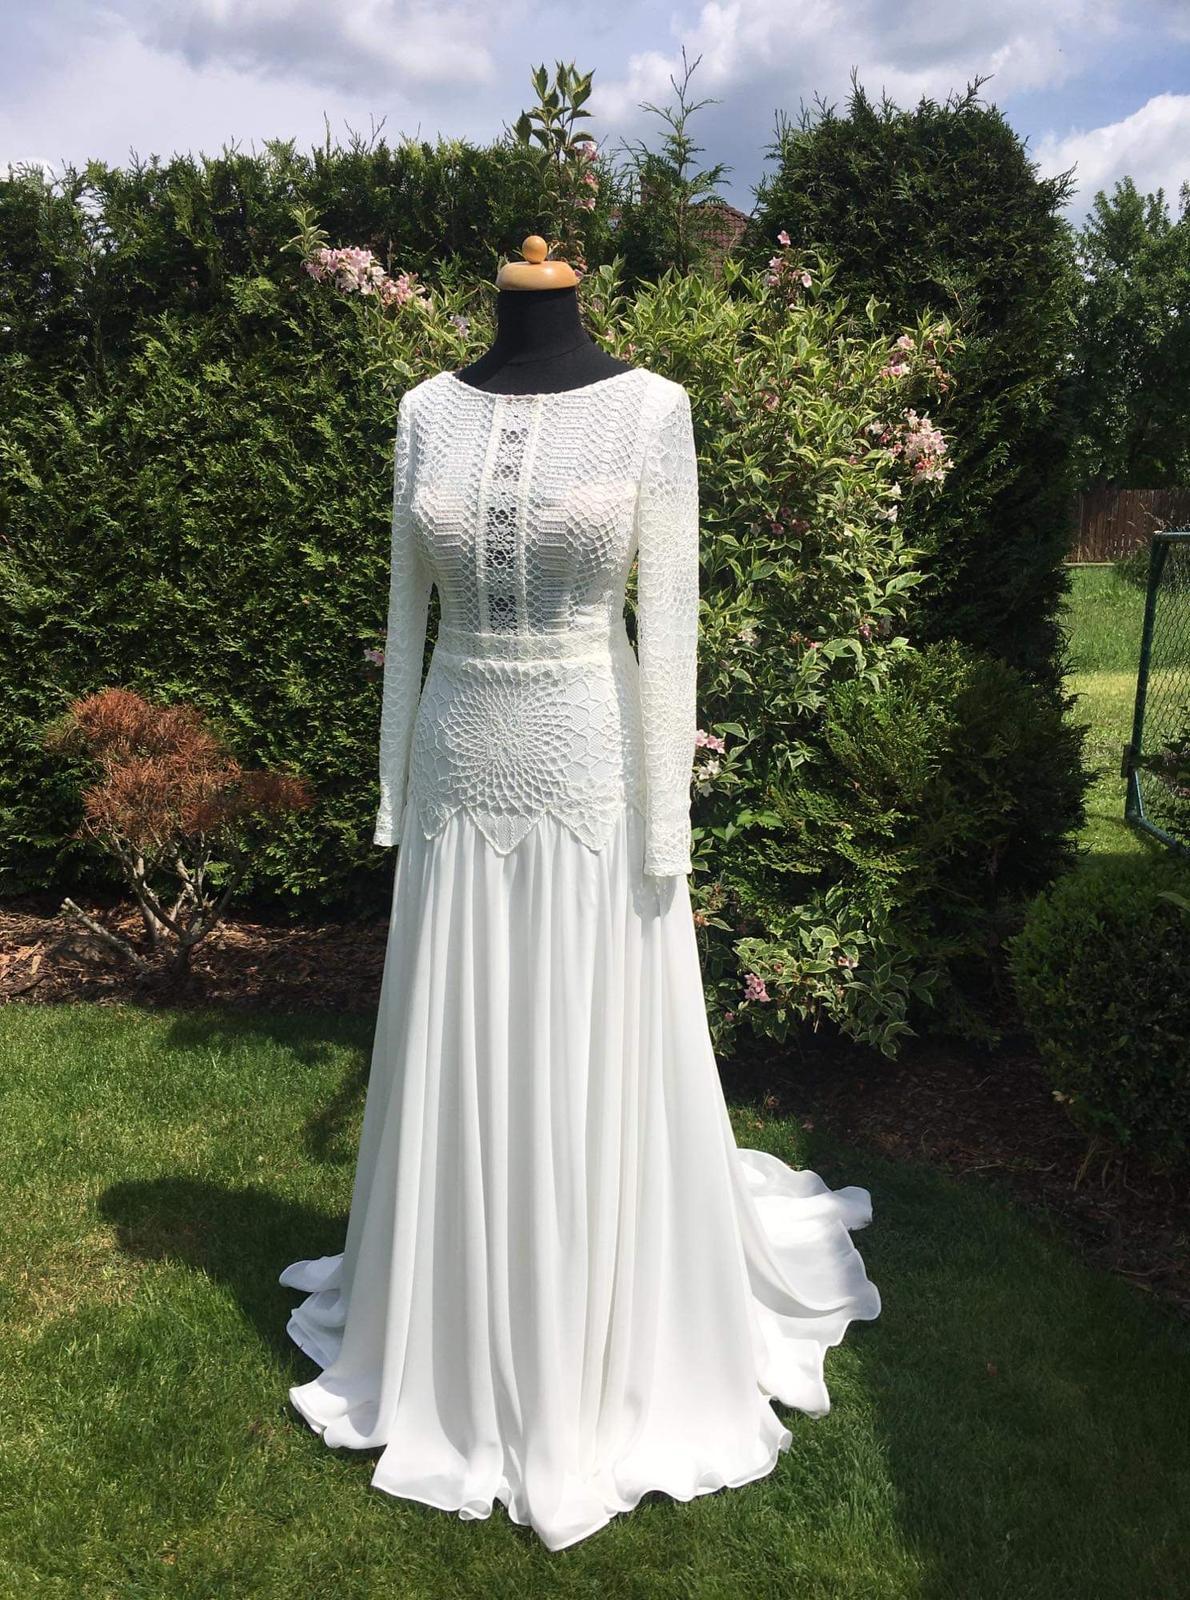 Svatební šaty – BOHO STYL, vel. 34, barva IVORY. Model 2020. - Obrázek č. 4